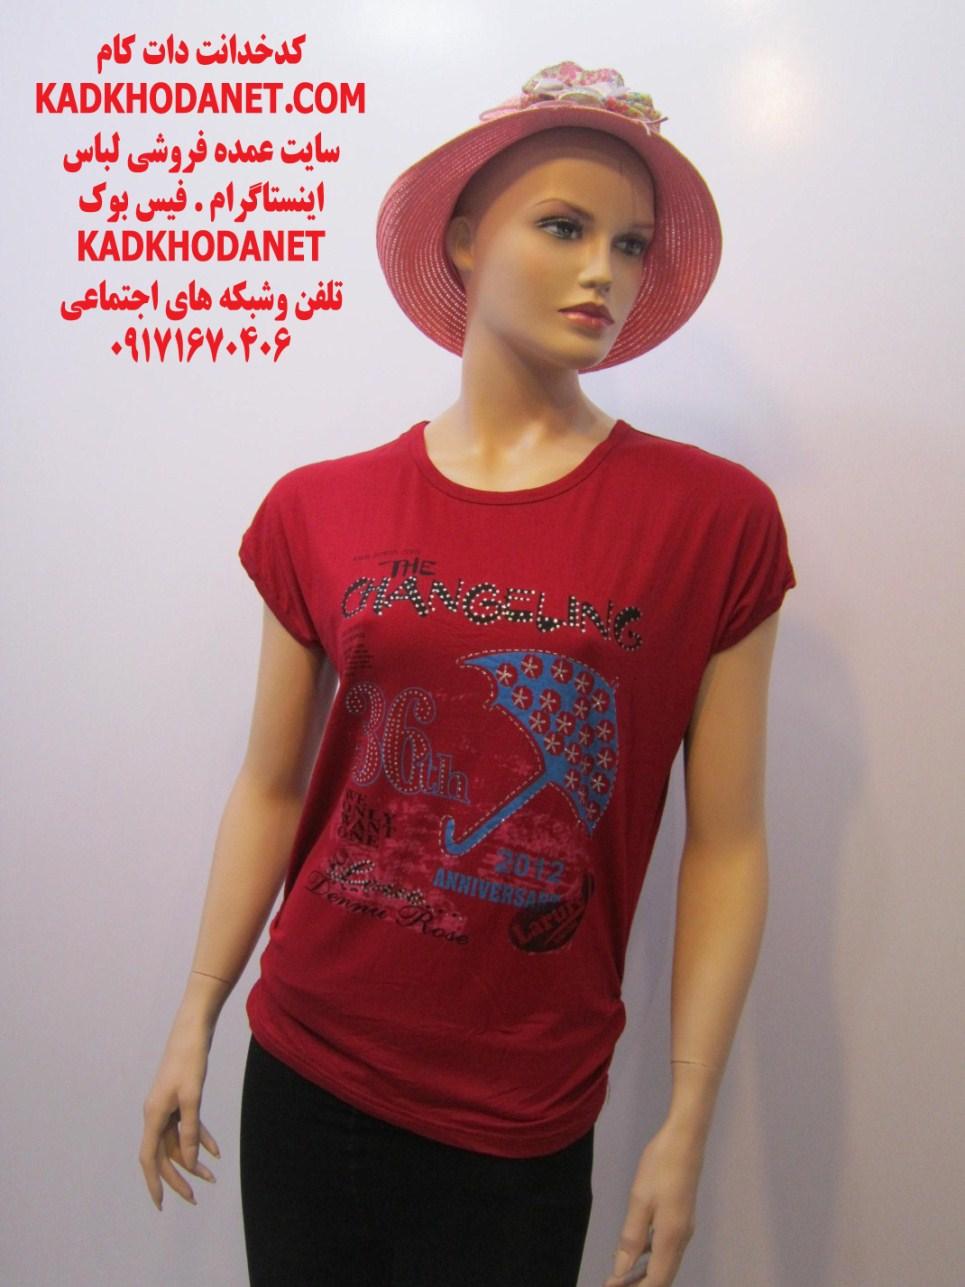 لباس تی شرت زنانه جدید (5)